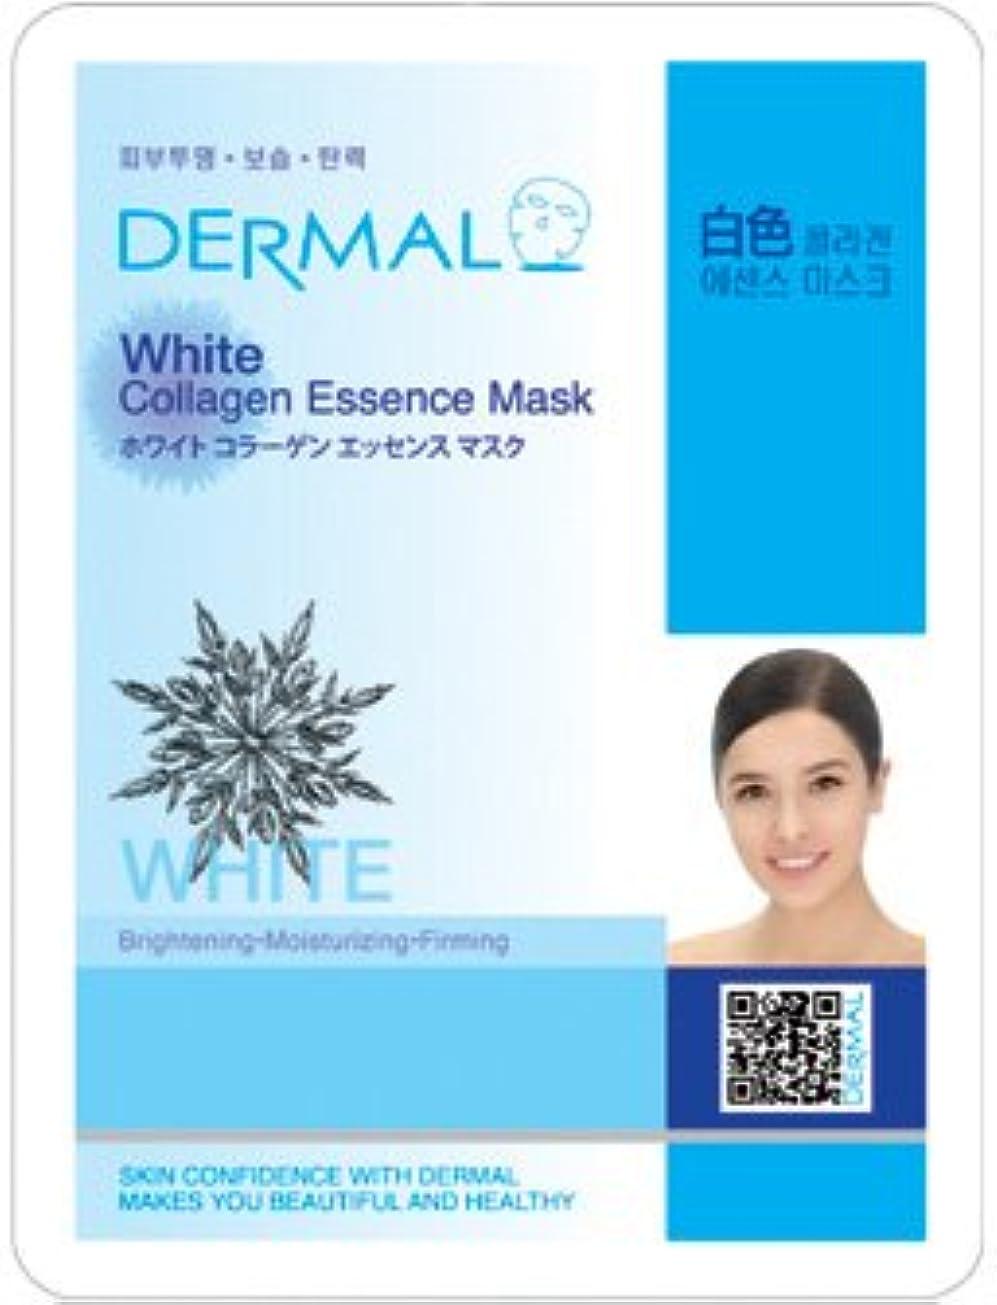 悪意のある木材十分なシートマスク ホワイト 10枚セット ★ ダーマル(Dermal) フェイス パック★